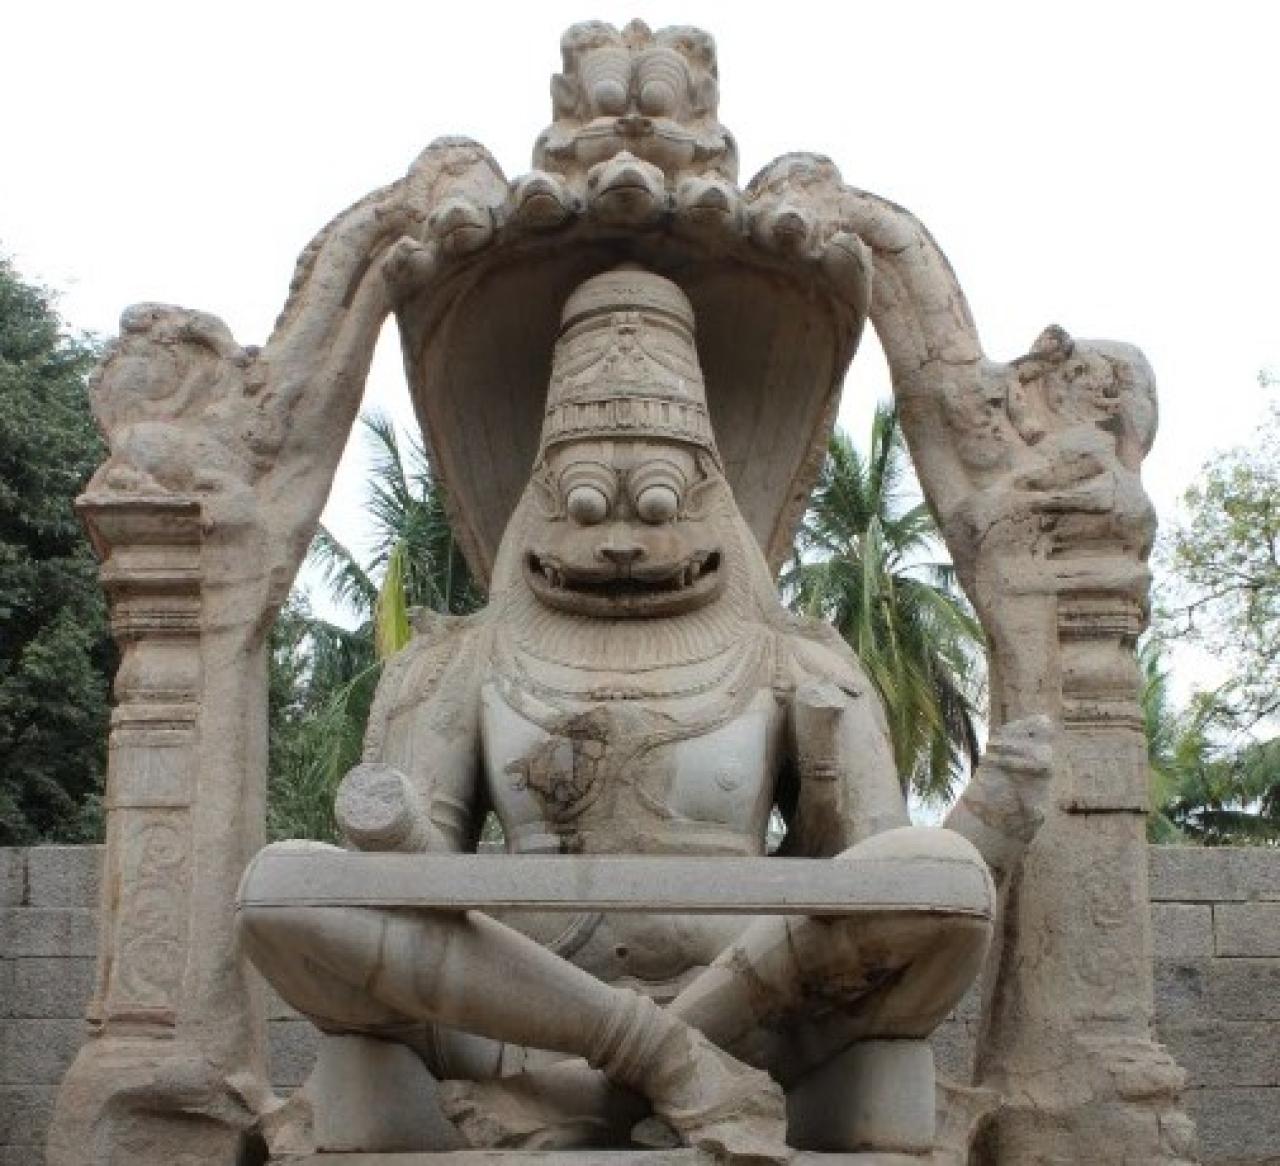 The monolith Narasimha at Hampi